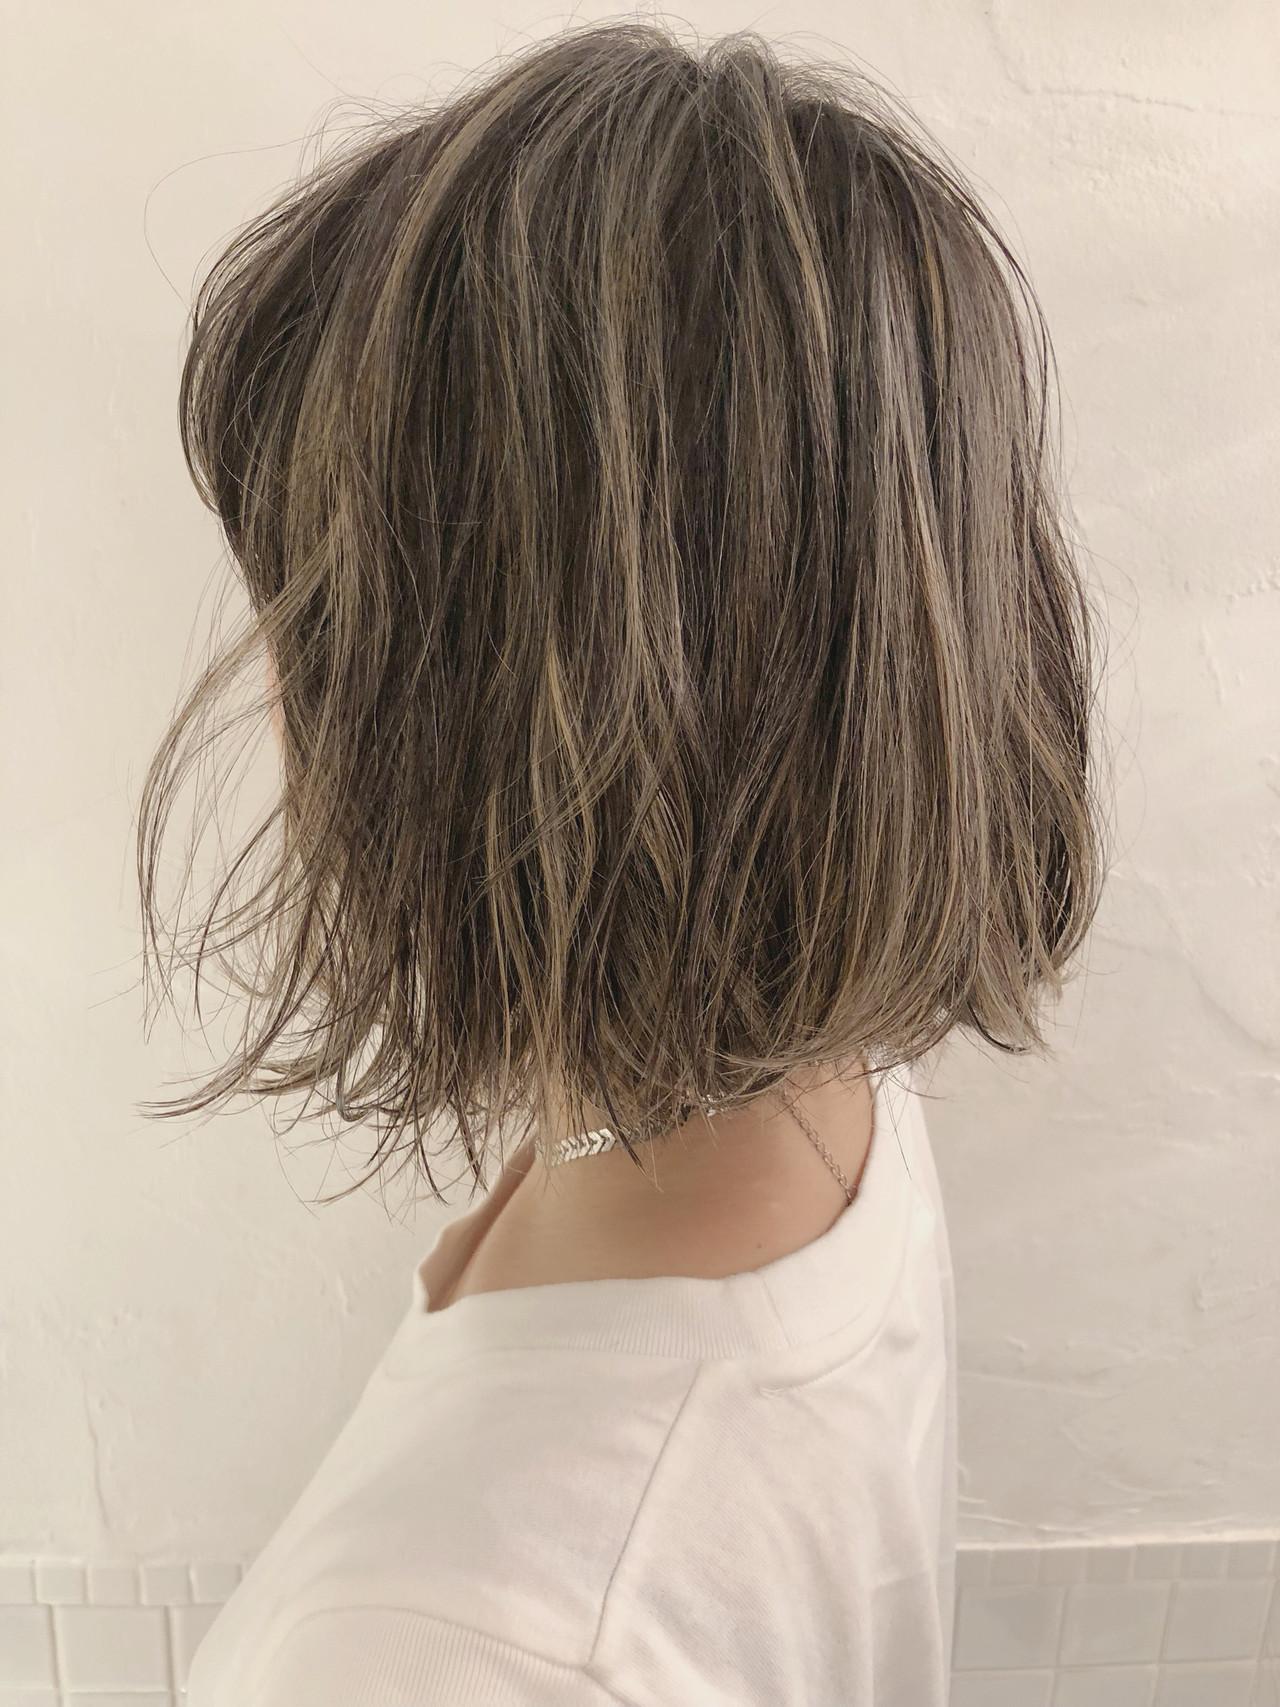 ナチュラル ボブ 切りっぱなし 切りっぱなしボブ ヘアスタイルや髪型の写真・画像 | 遠山まり / kakimoto arms 青山店